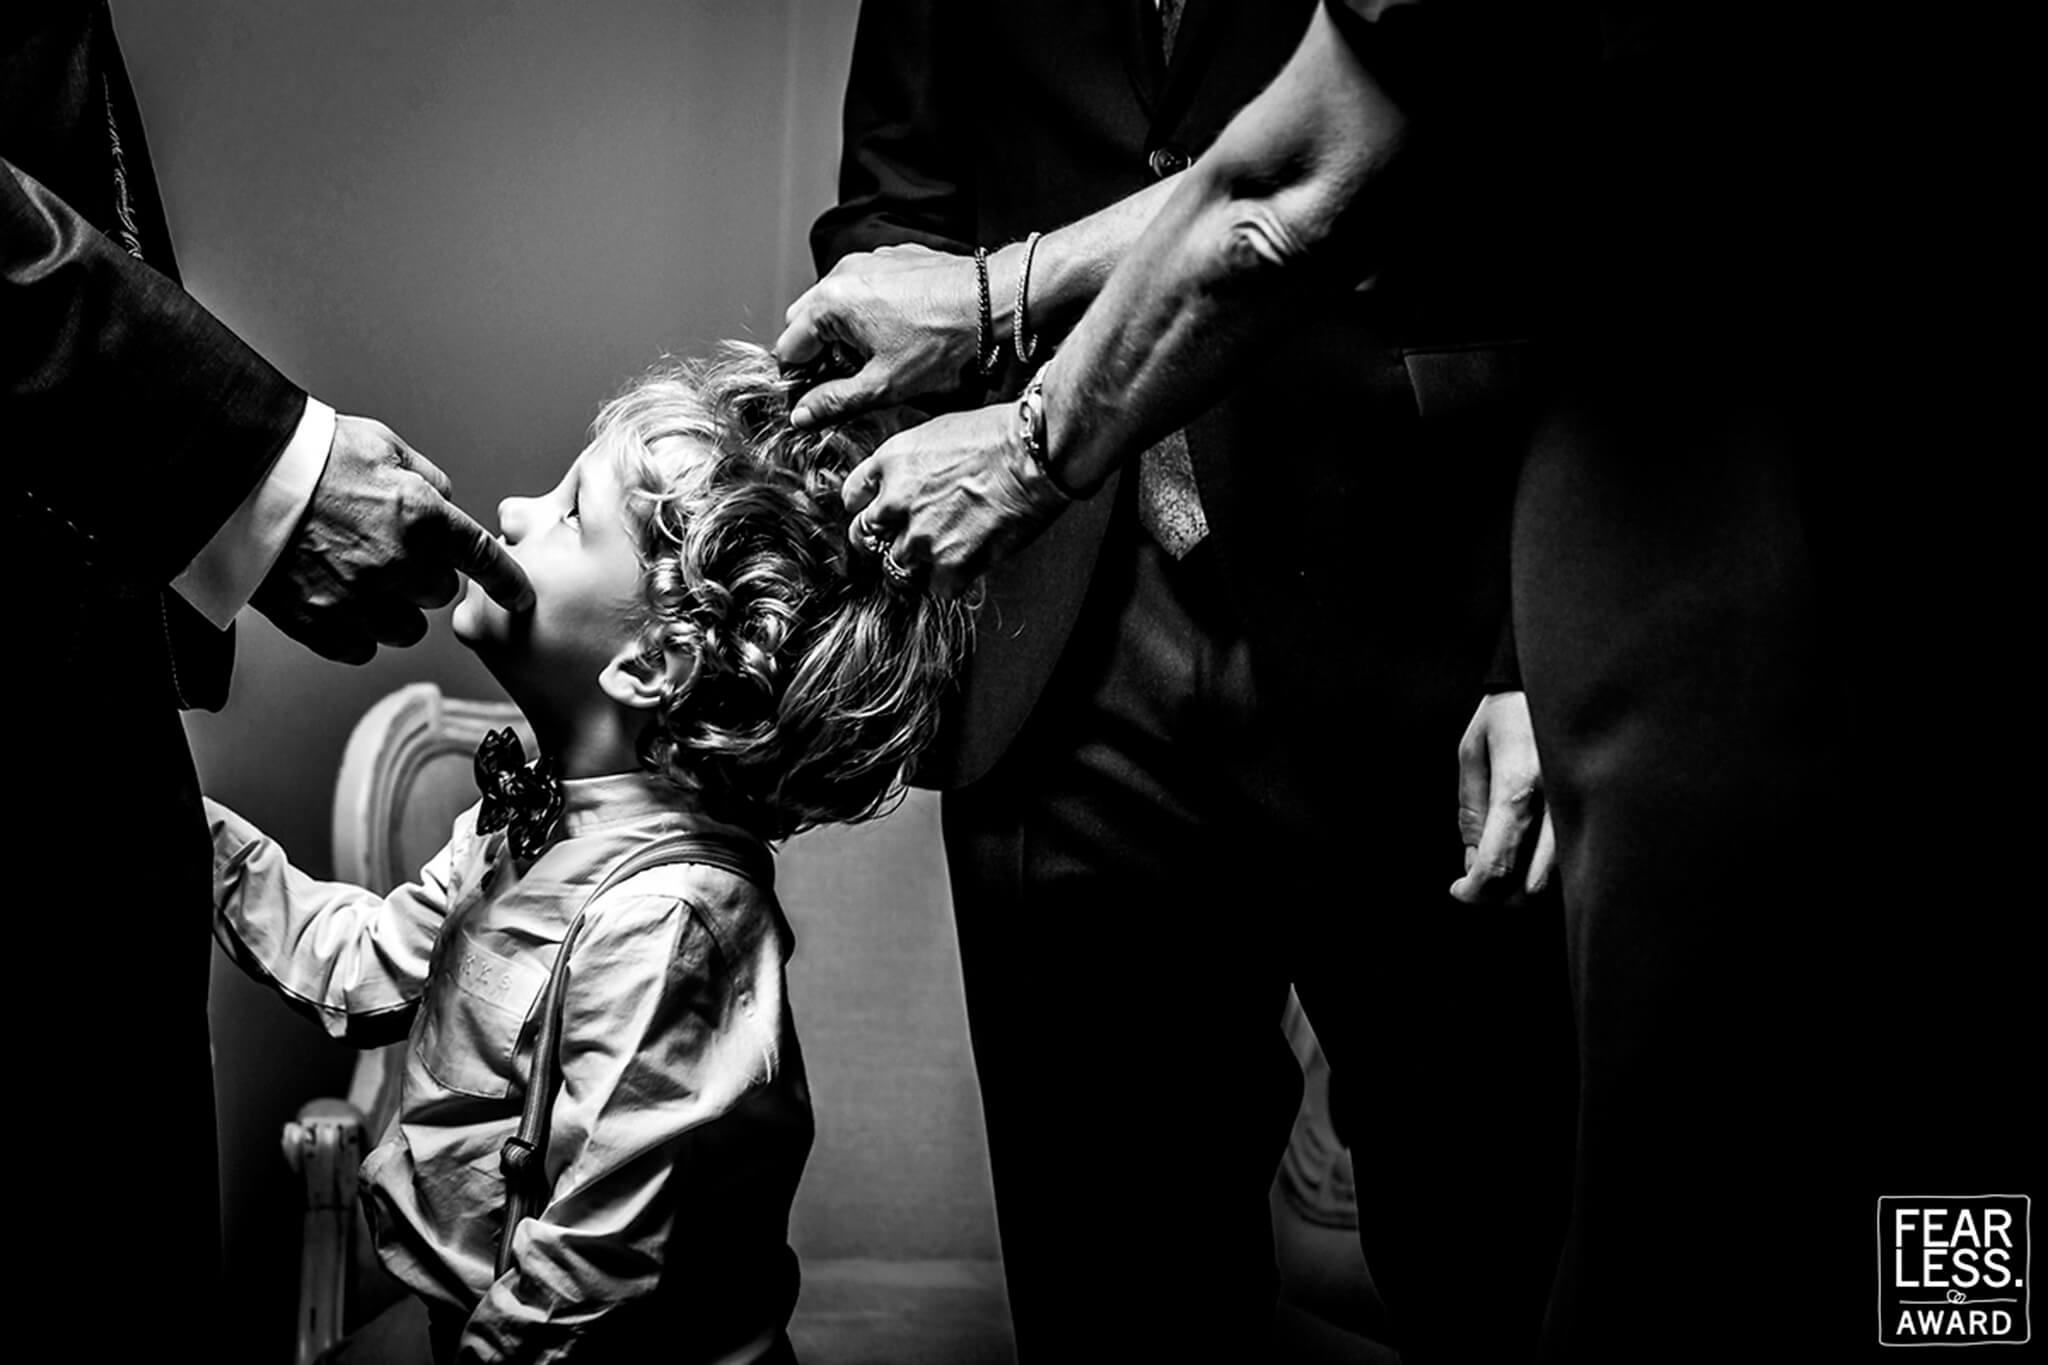 David Delgado Wedding Photography – Fearless Award Collection 60